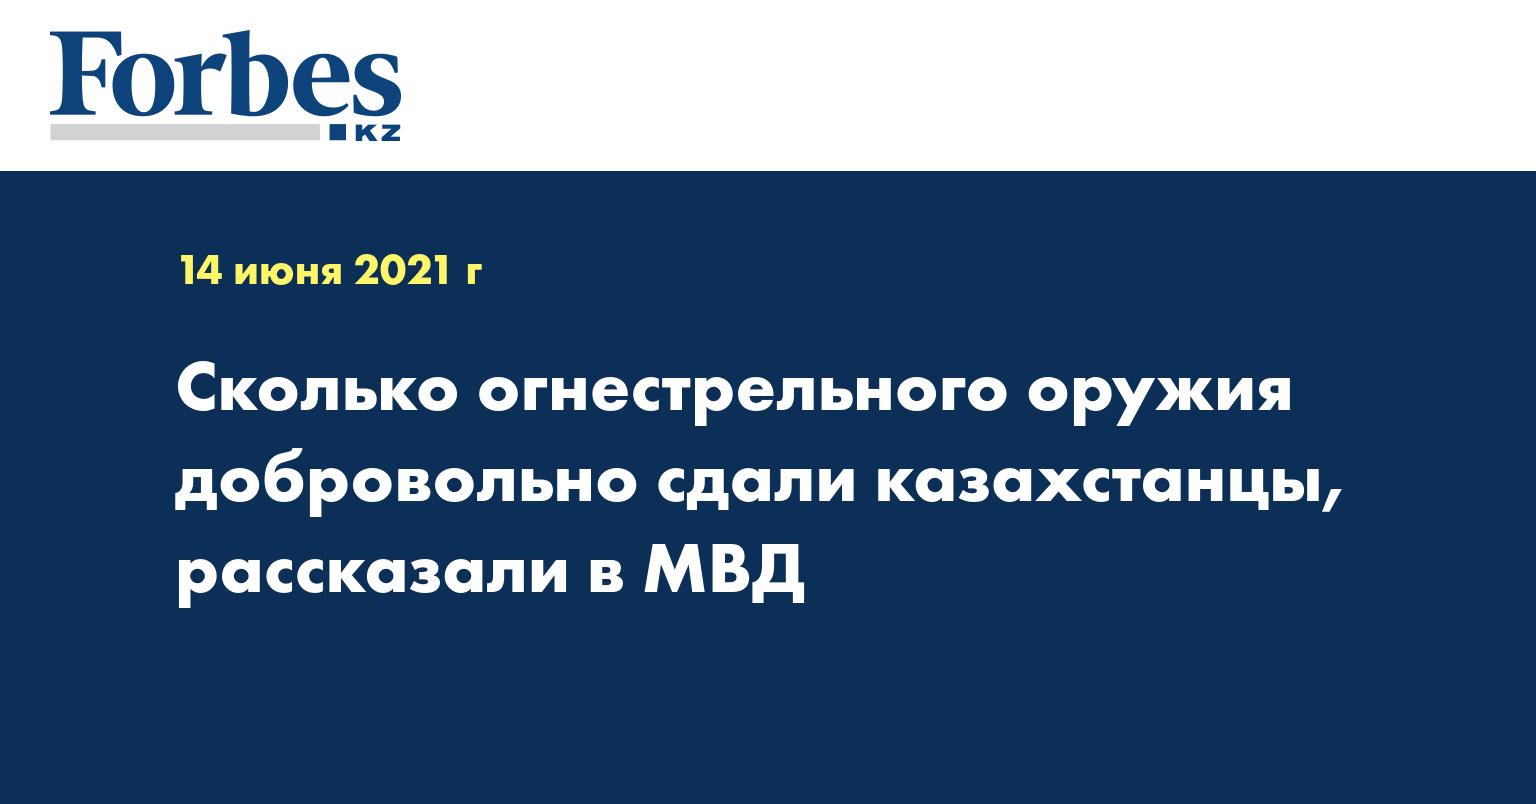 Сколько огнестрельного оружия добровольно сдали казахстанцы, рассказали в МВД